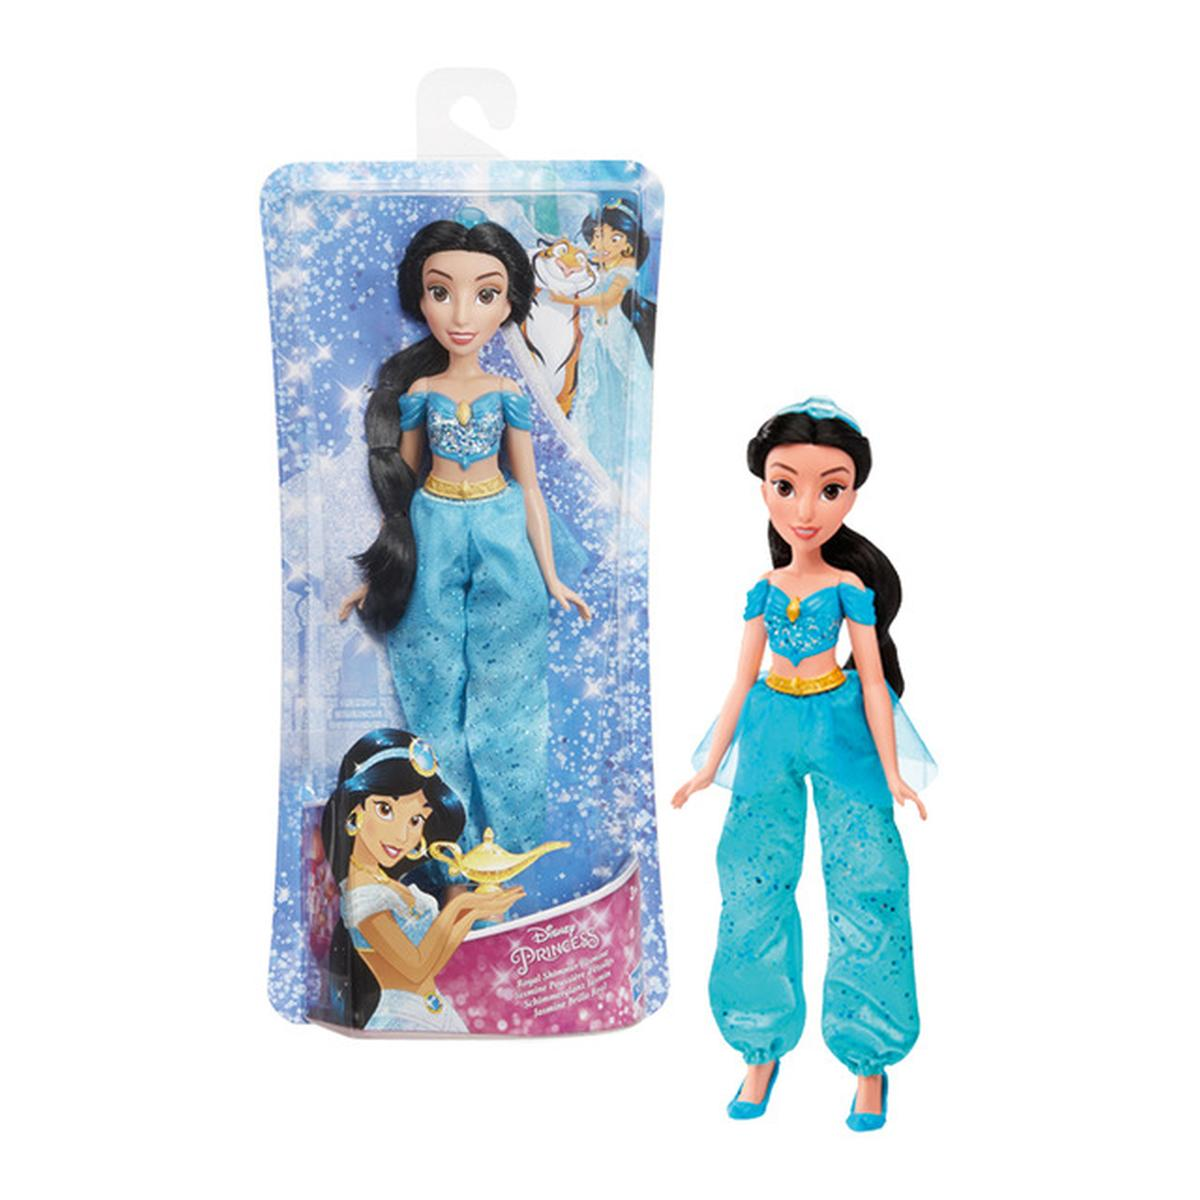 Princesas Disney em Promoção nas Lojas